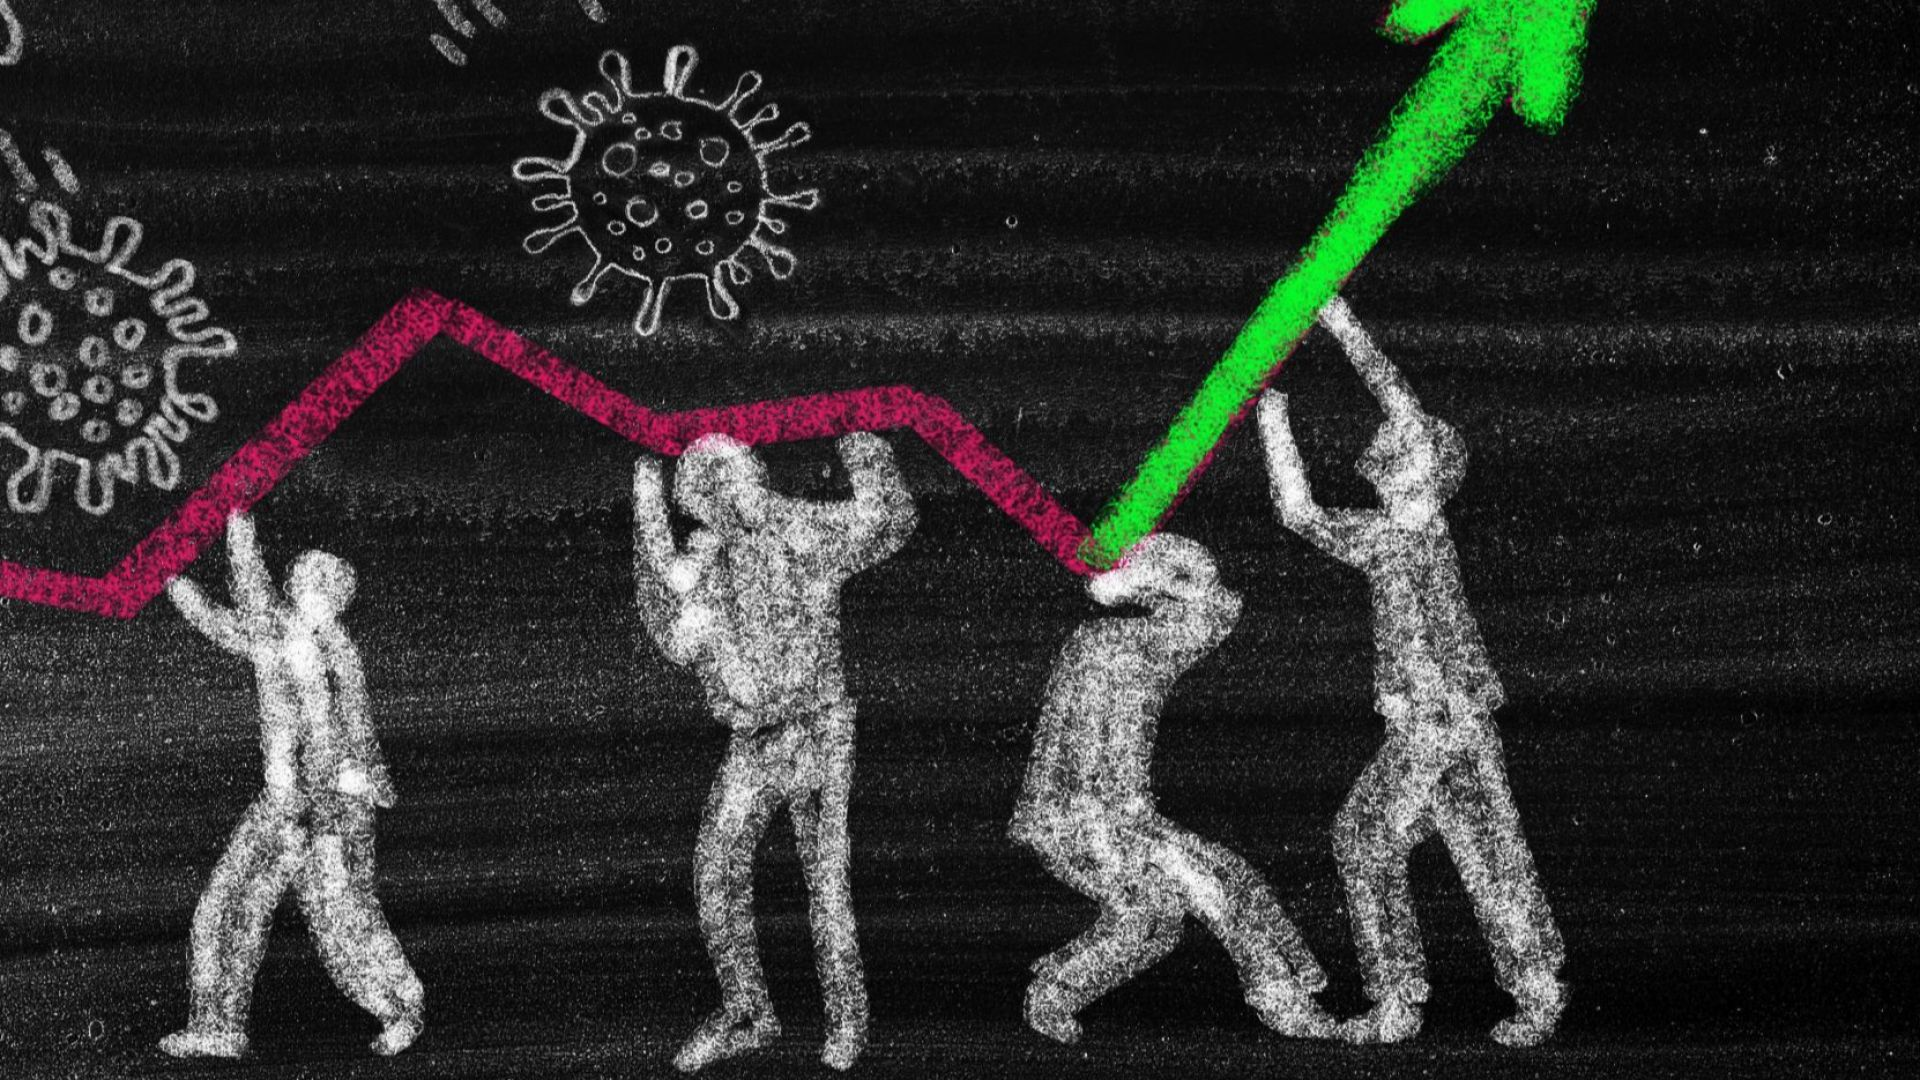 Мерките в подкрепа на бизнеса и заетостта - антидот на икономическата зараза или прах в очите на обществото?